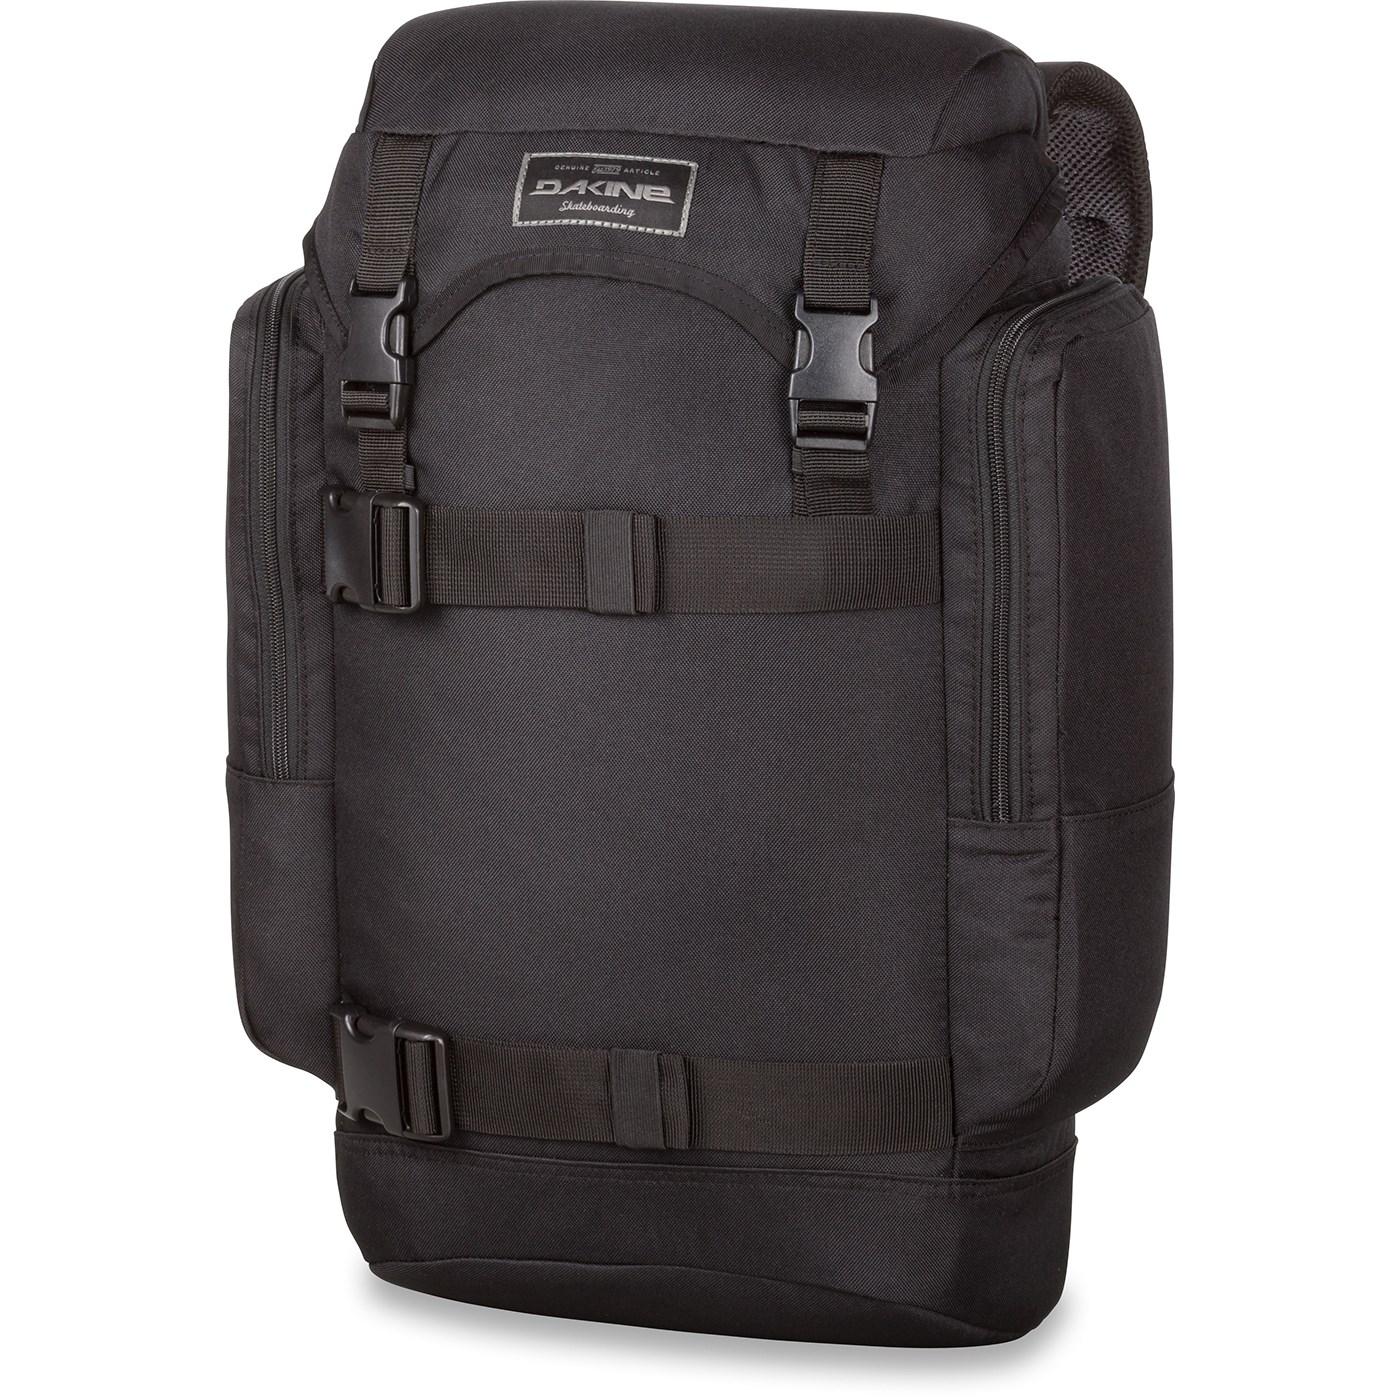 e87ed6375cbe4 Sporttaschen   Rucksäcke Dakine Rucksack Lid 26 L Liter Skateboarder  Backpack Black